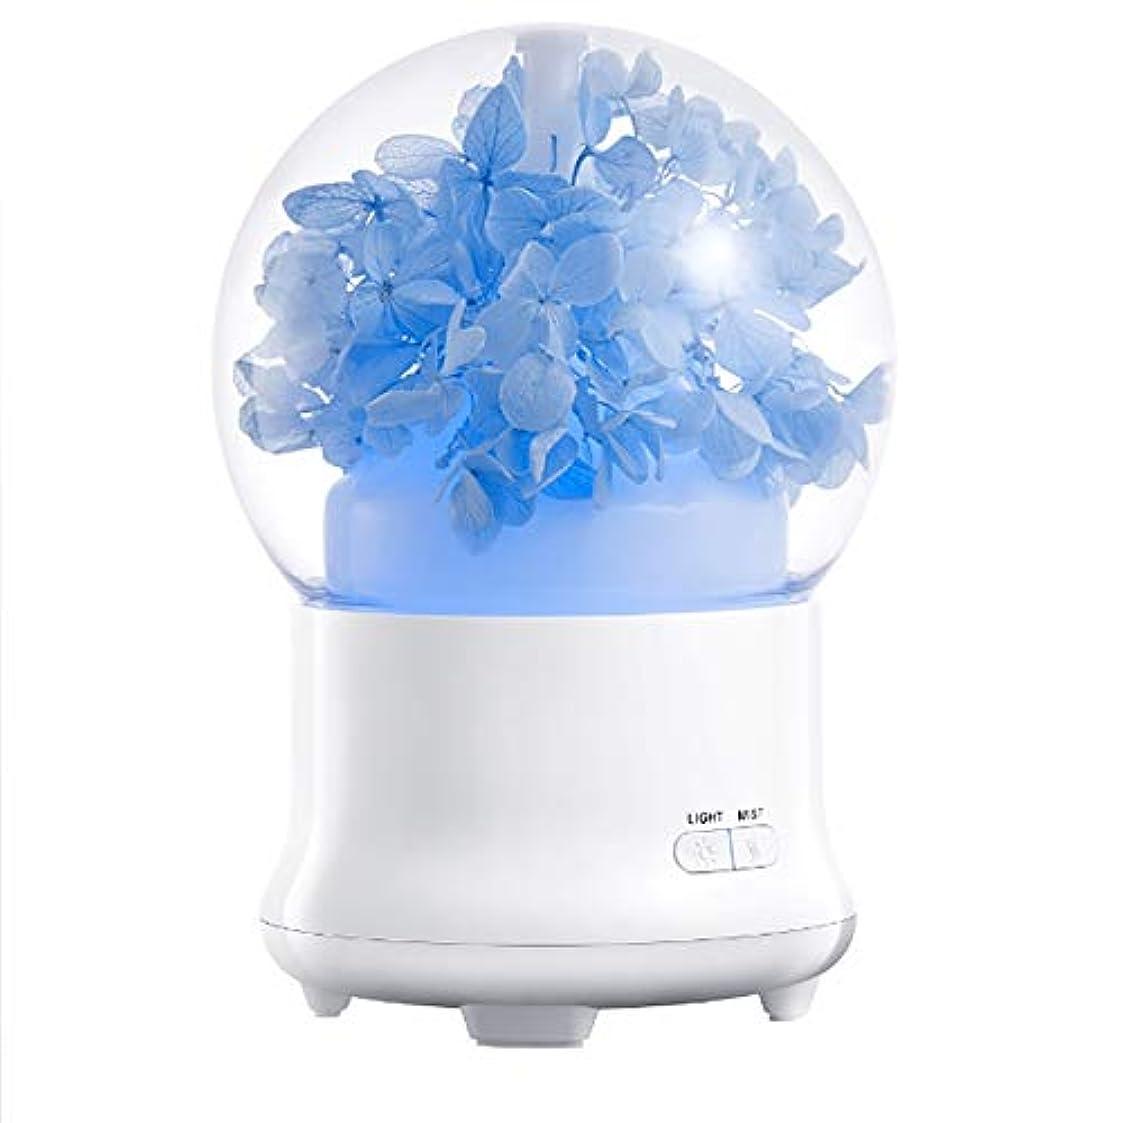 スタック透ける種100ml 加湿器アロマセラピーマシン永遠の花クリーンエアタイマーと自動オフ安全スイッチオフィスホームベッドルームリビングルームスタディヨガスパ USB 充電,1